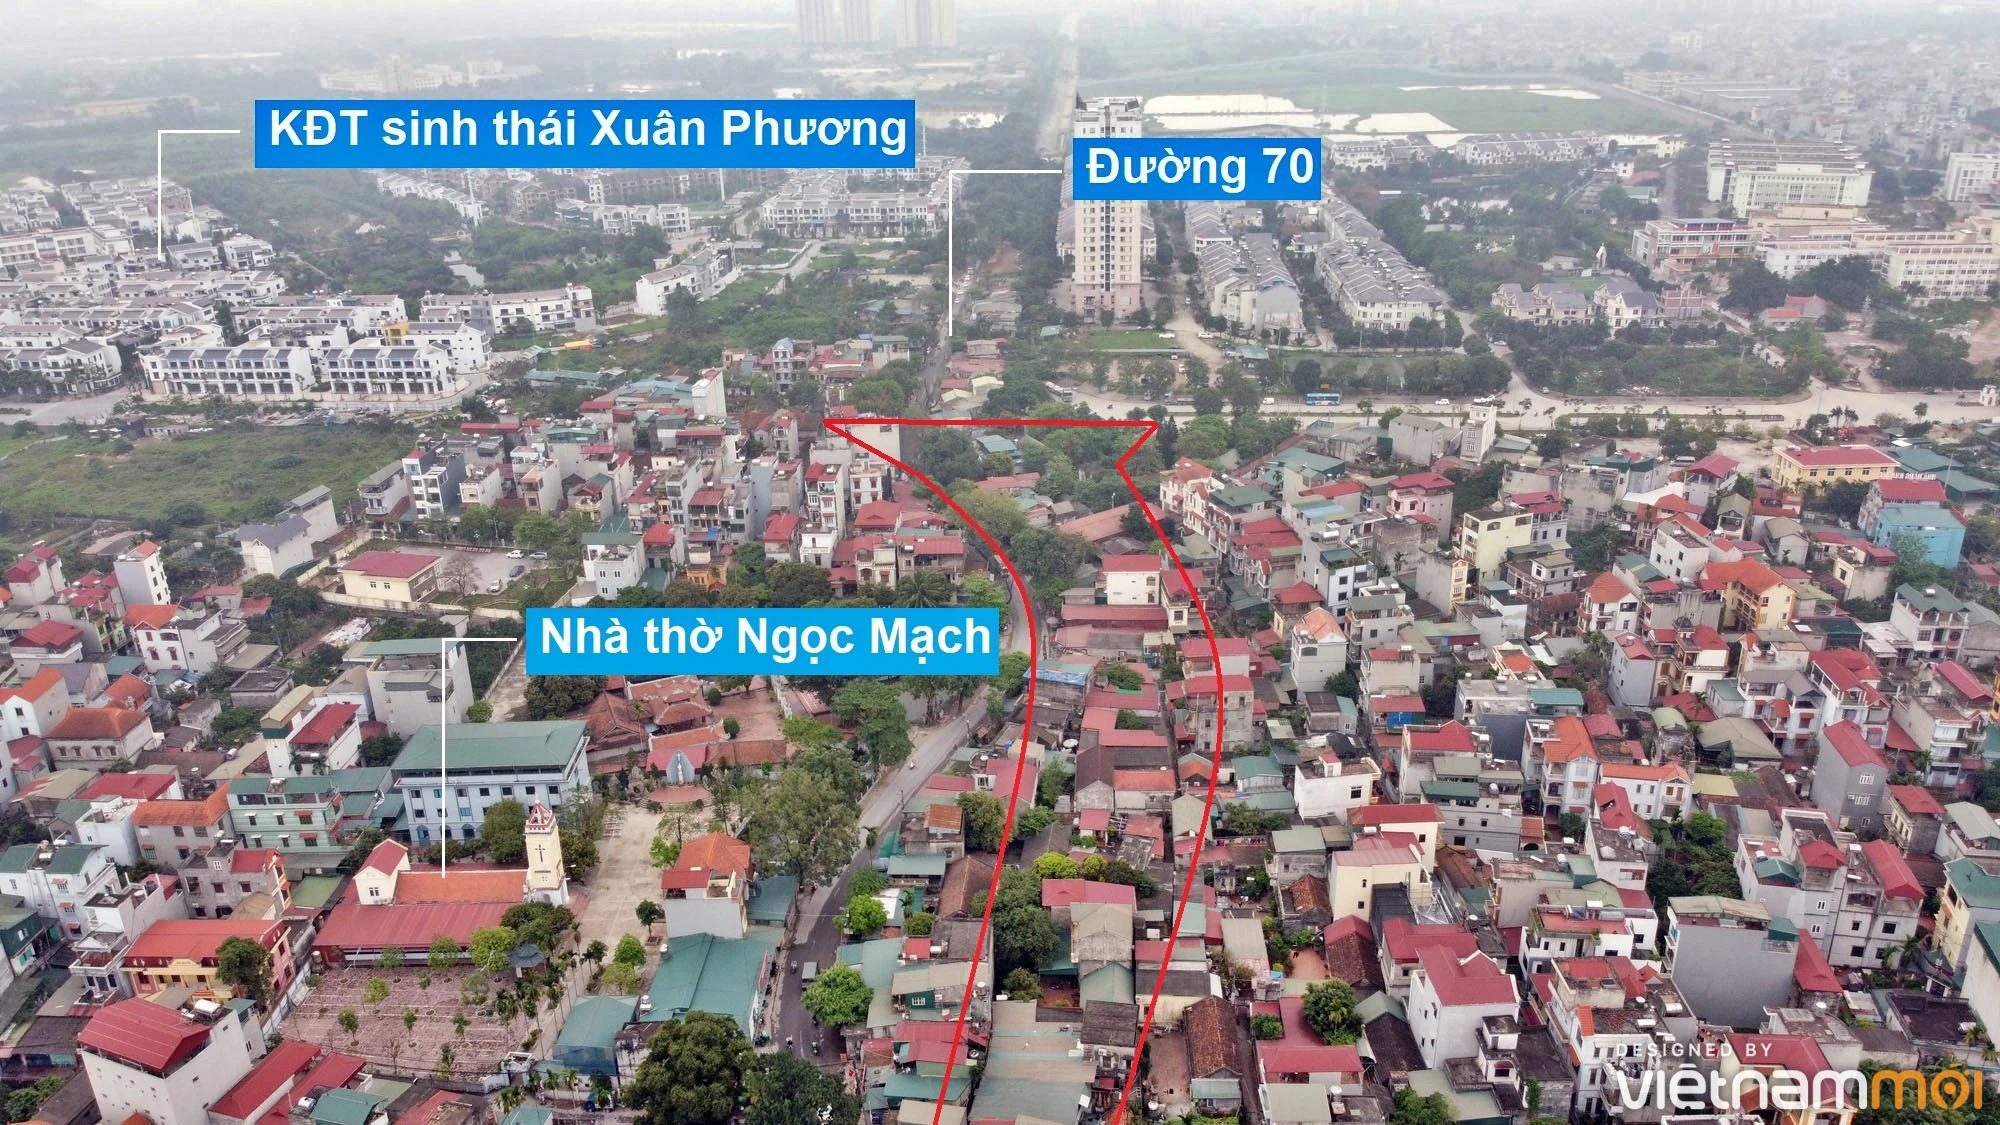 Những khu đất sắp thu hồi để mở đường ở phường Xuân Phương, Nam Từ Liêm, Hà Nội (phần 2) - Ảnh 4.